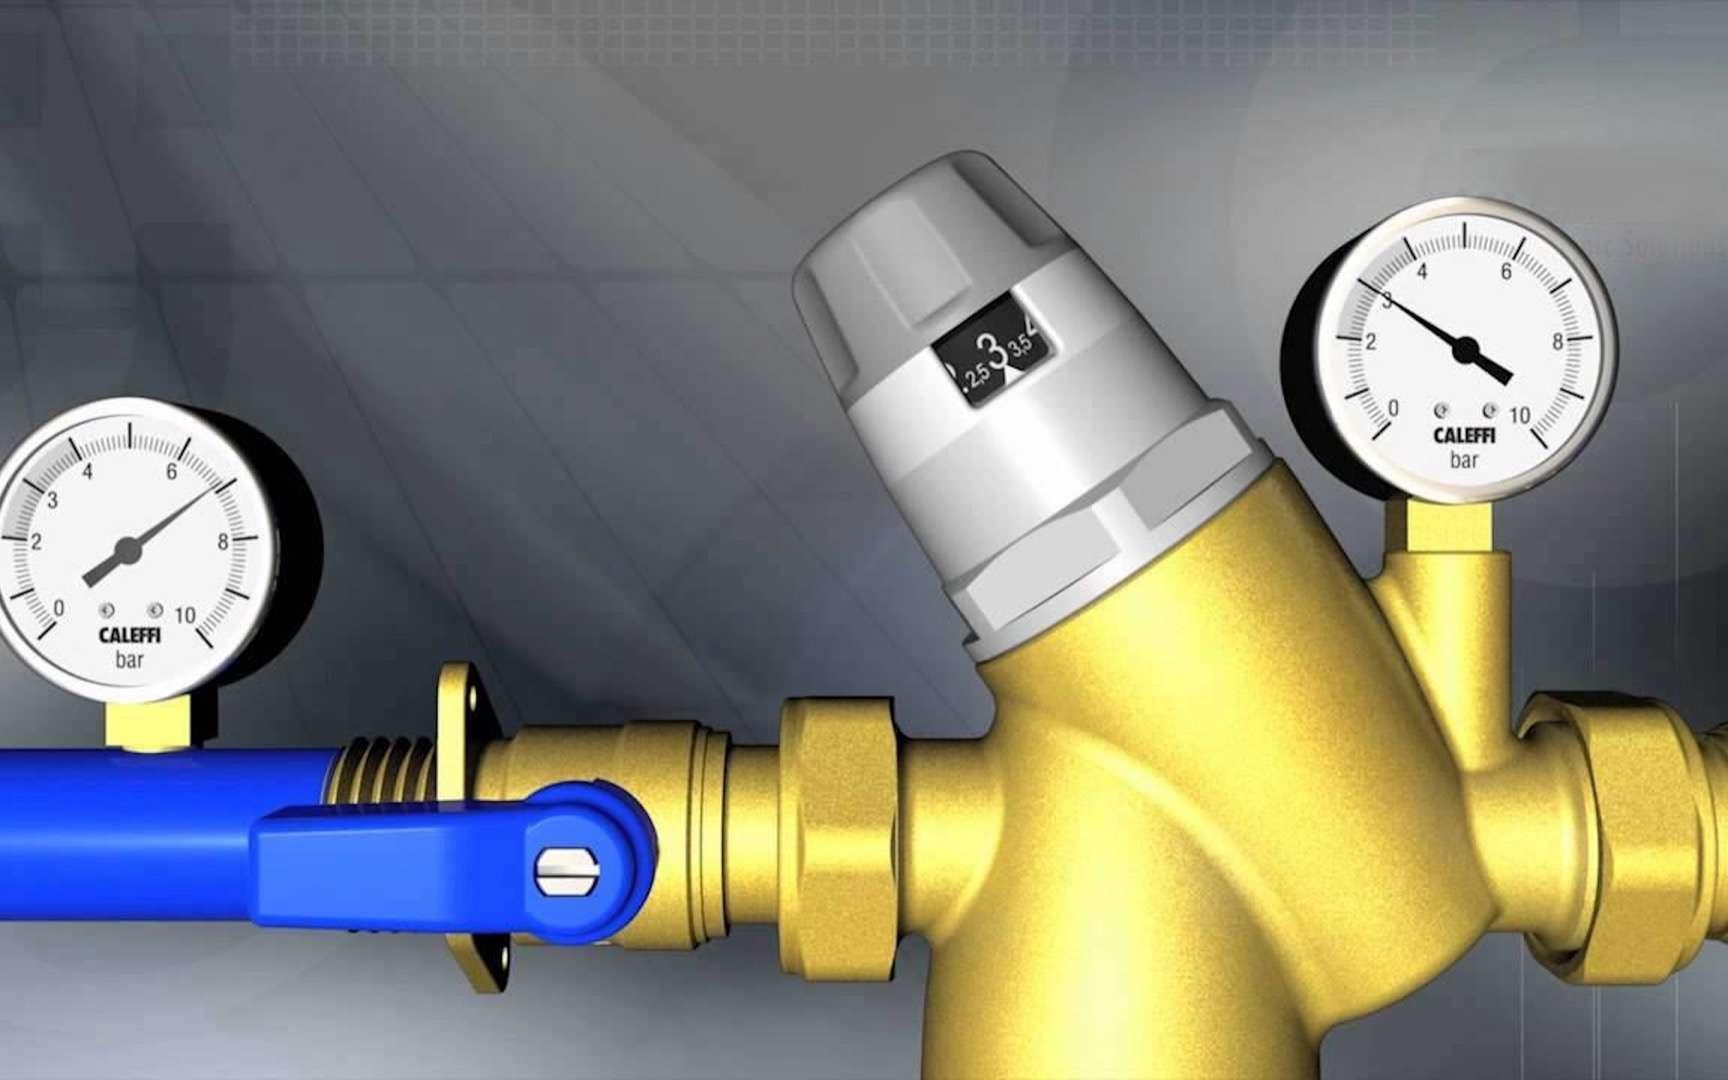 Quelles sont les causes de la basse pression d'eau dans une maison?